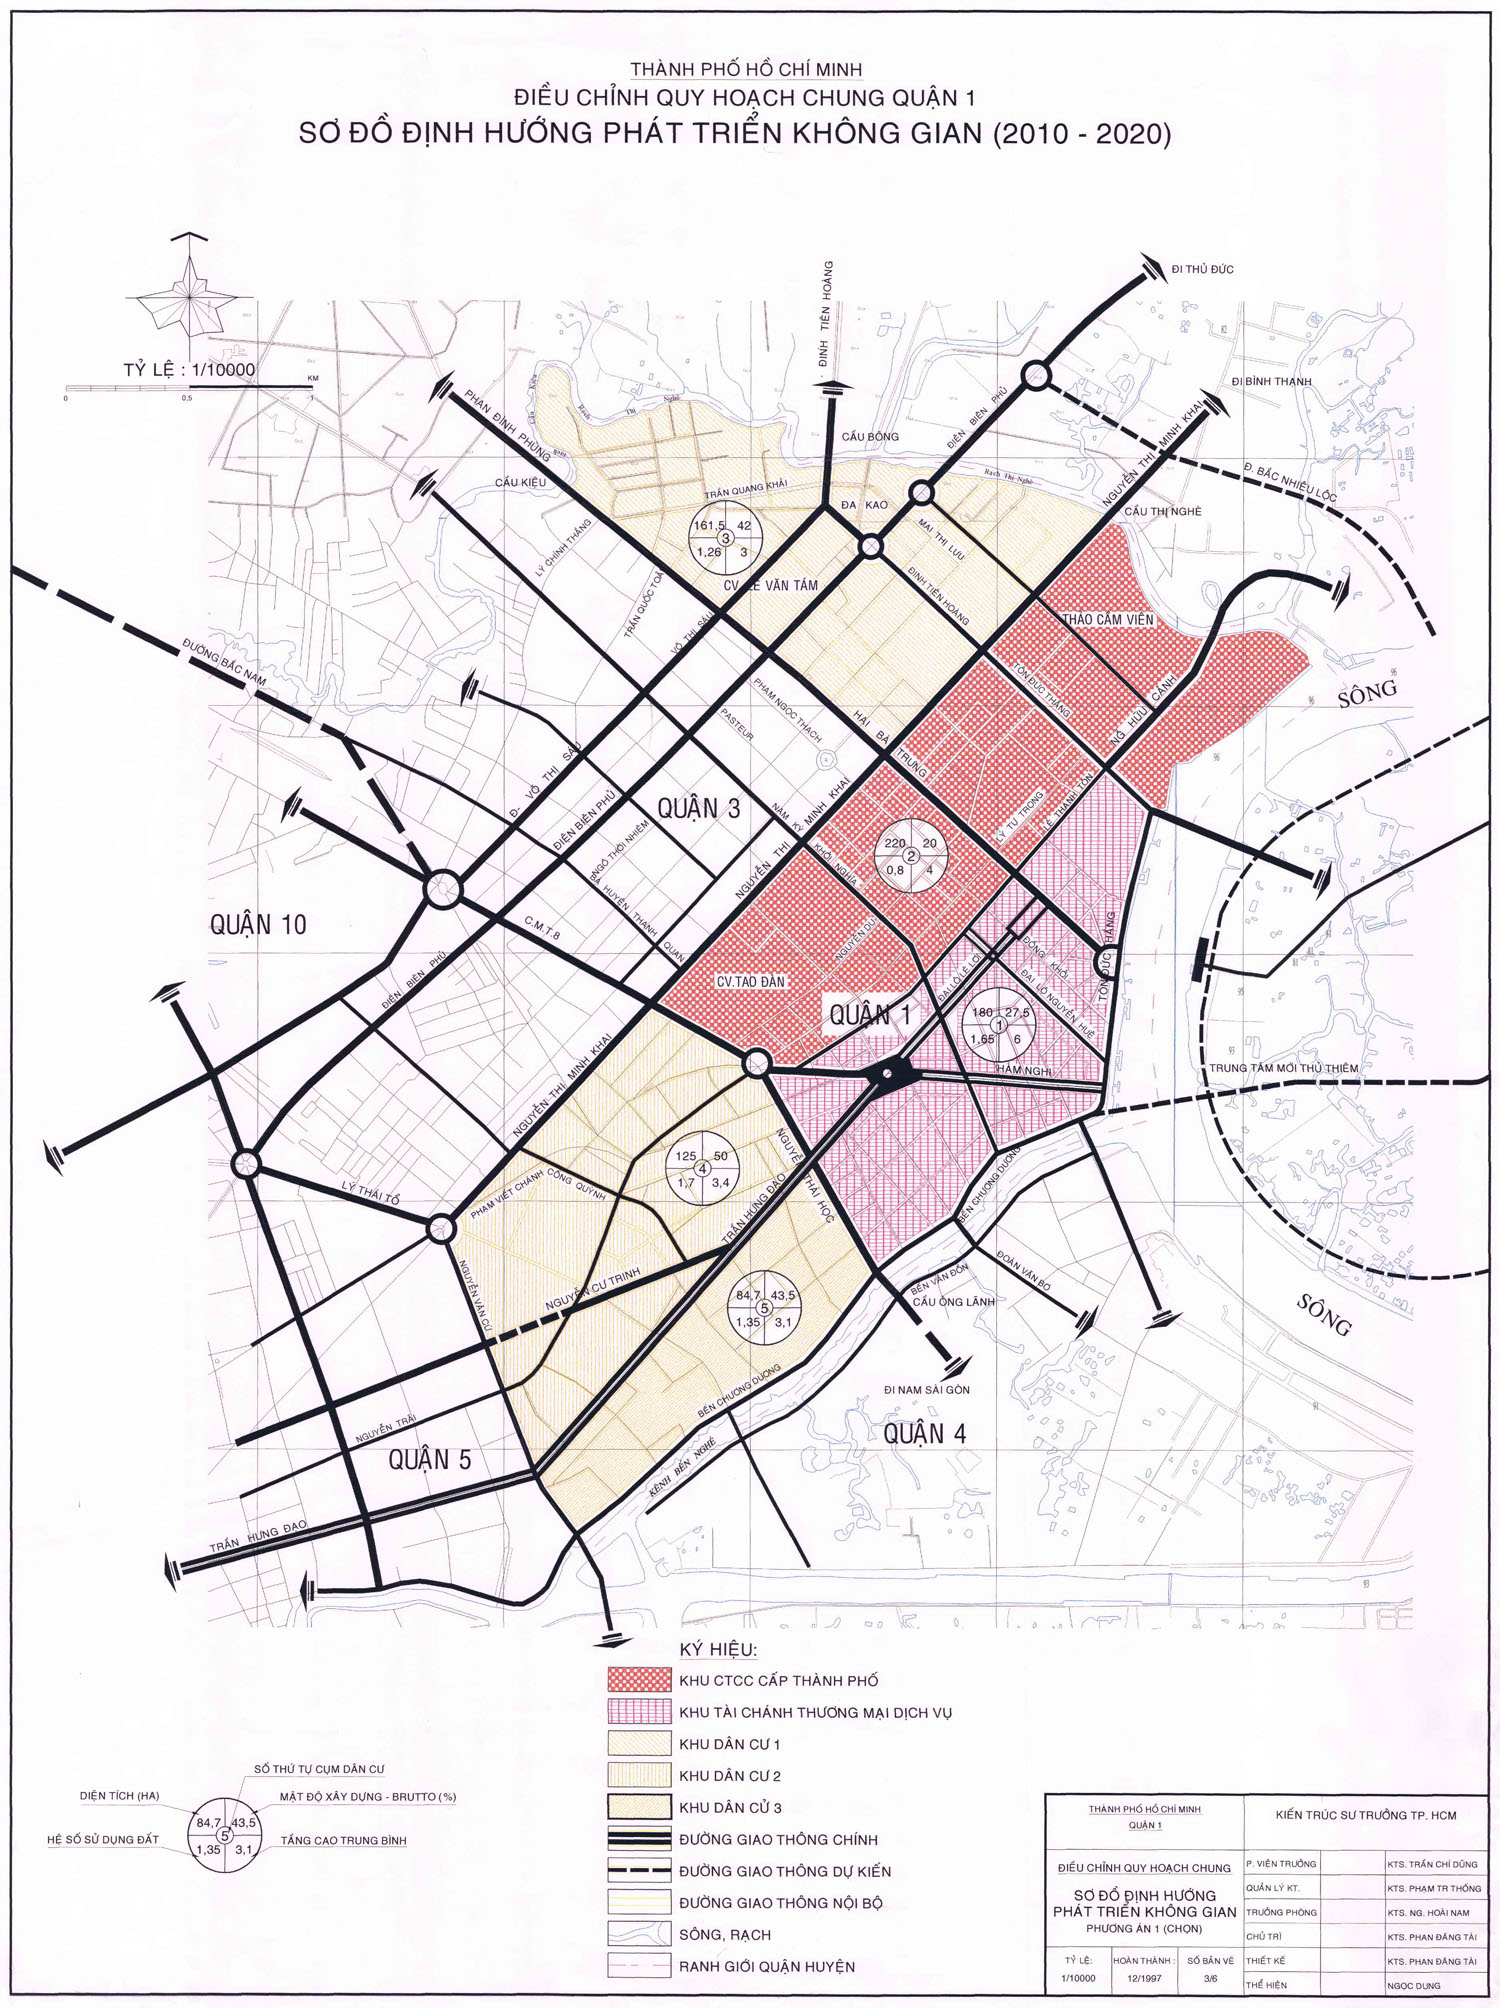 Bản đồ quy hoạch, các phường và dự án tại quận 1